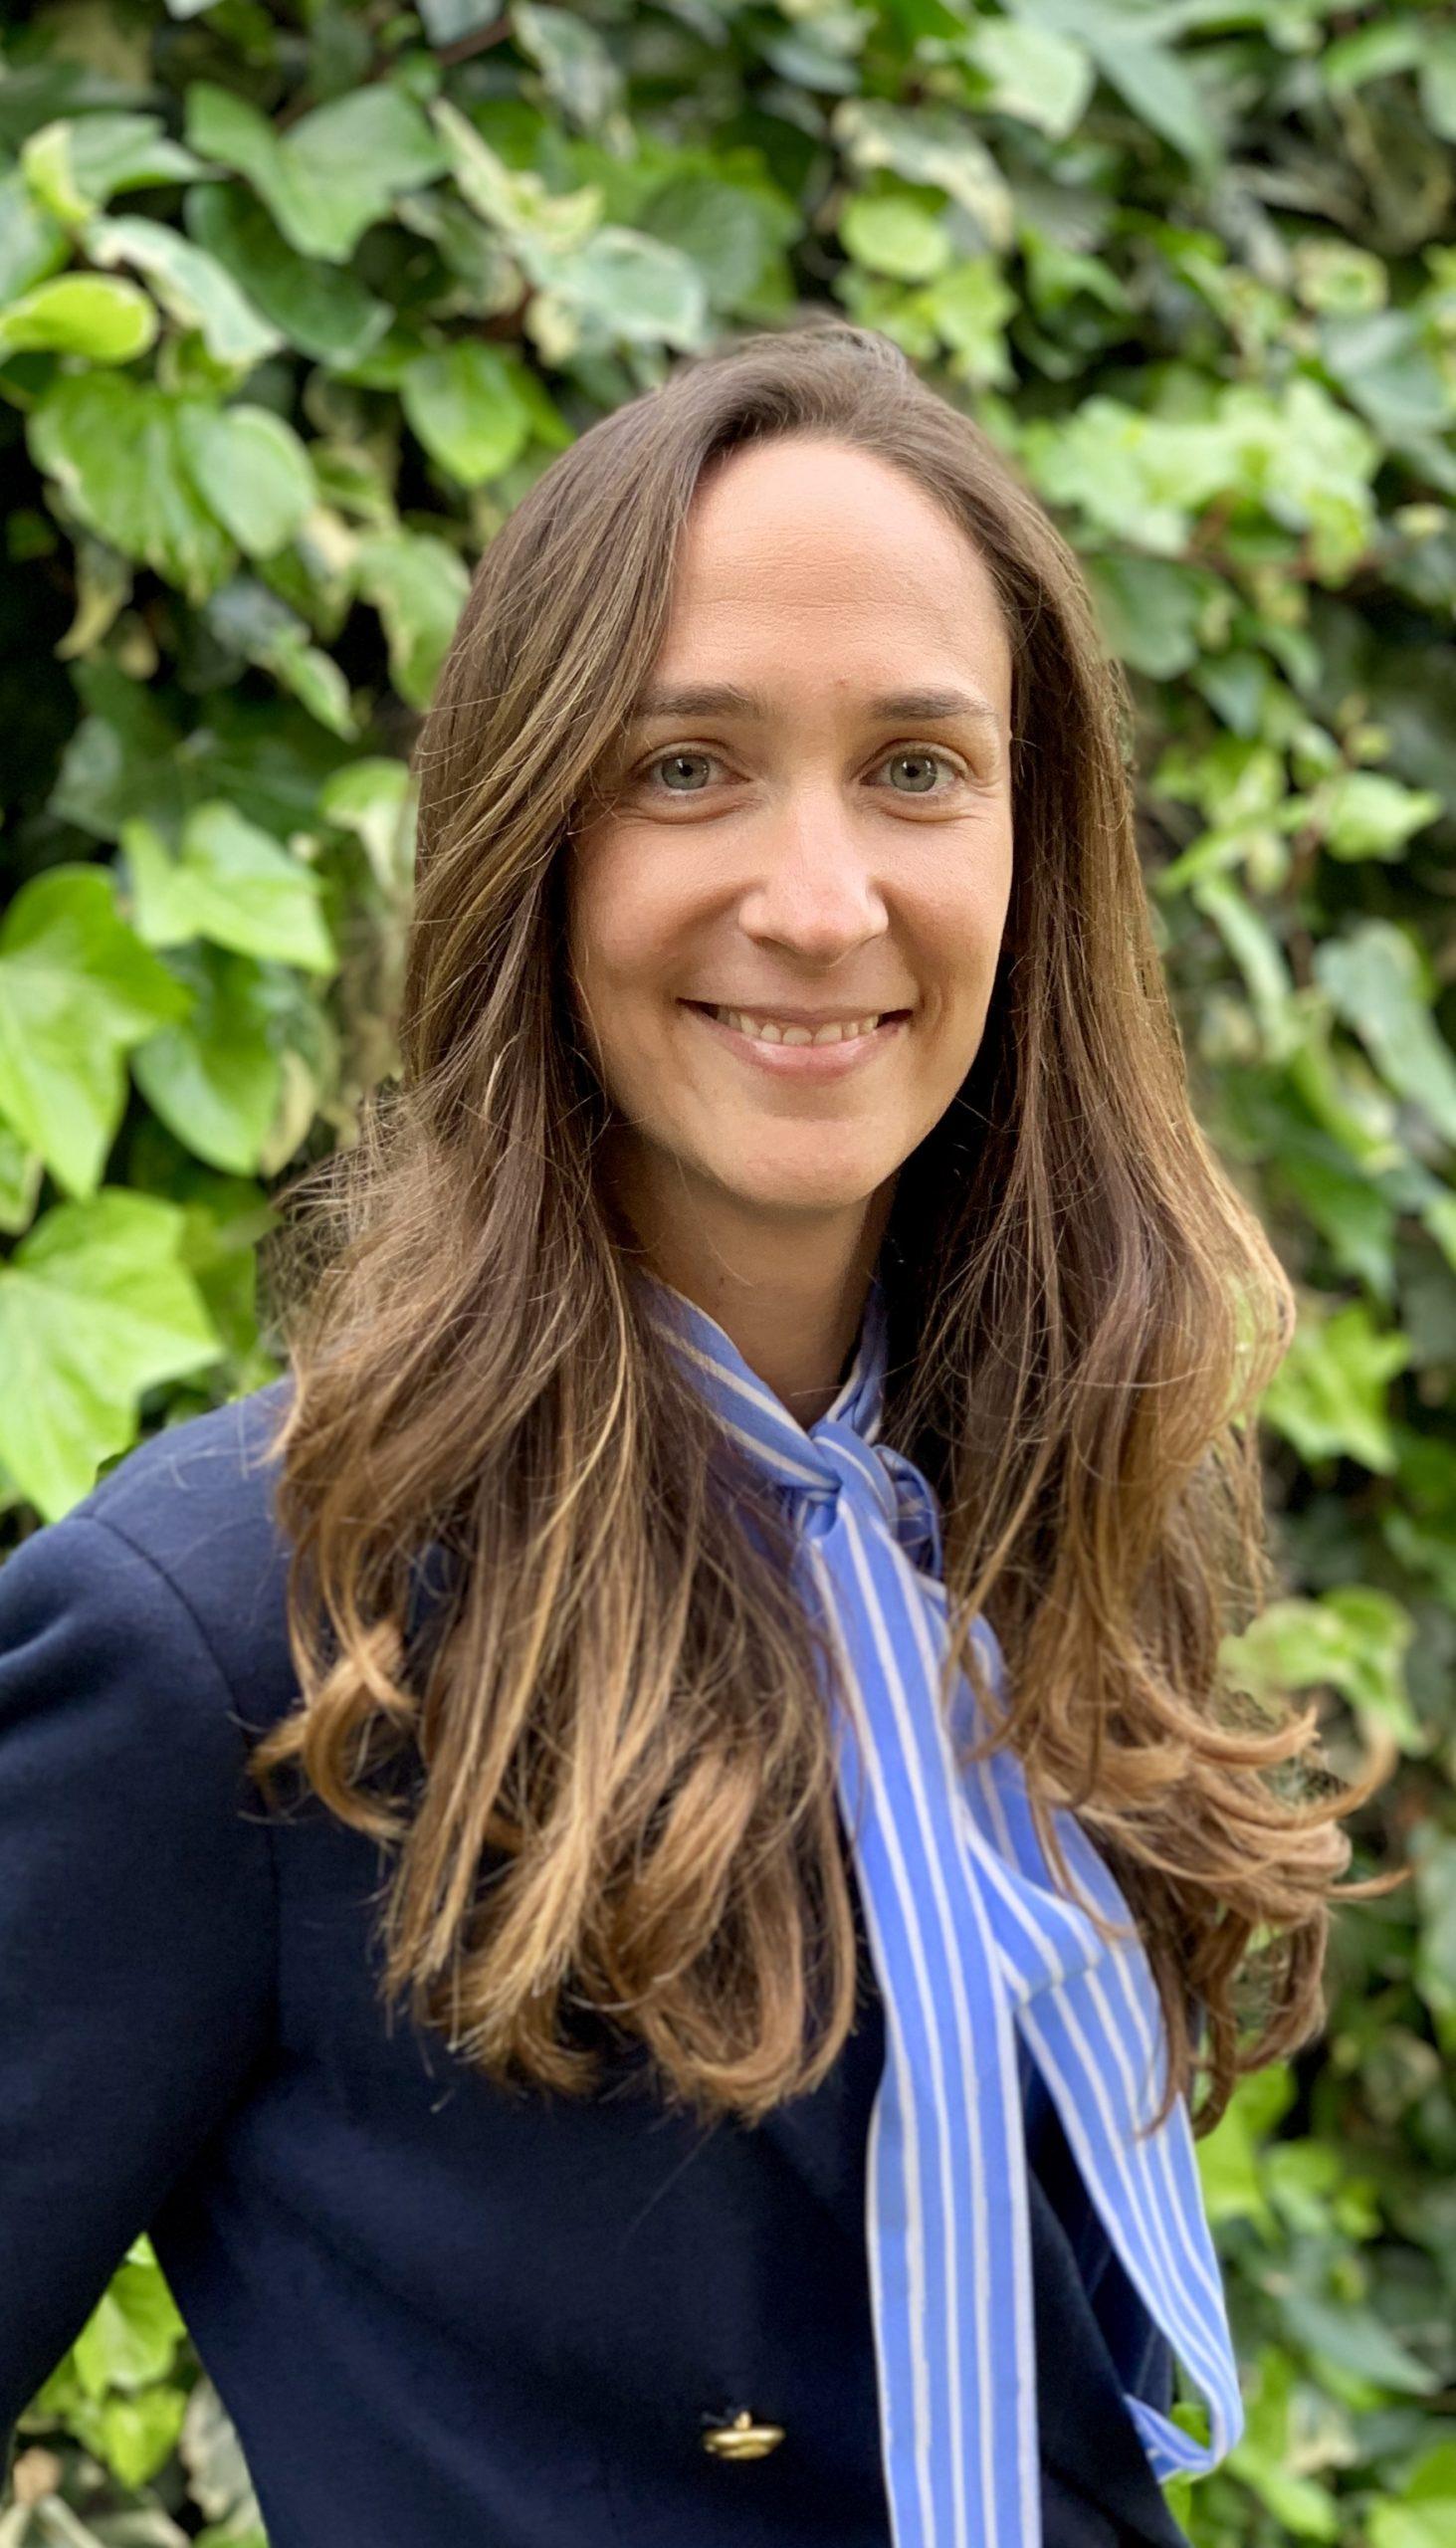 María Sáenz de Santa María García